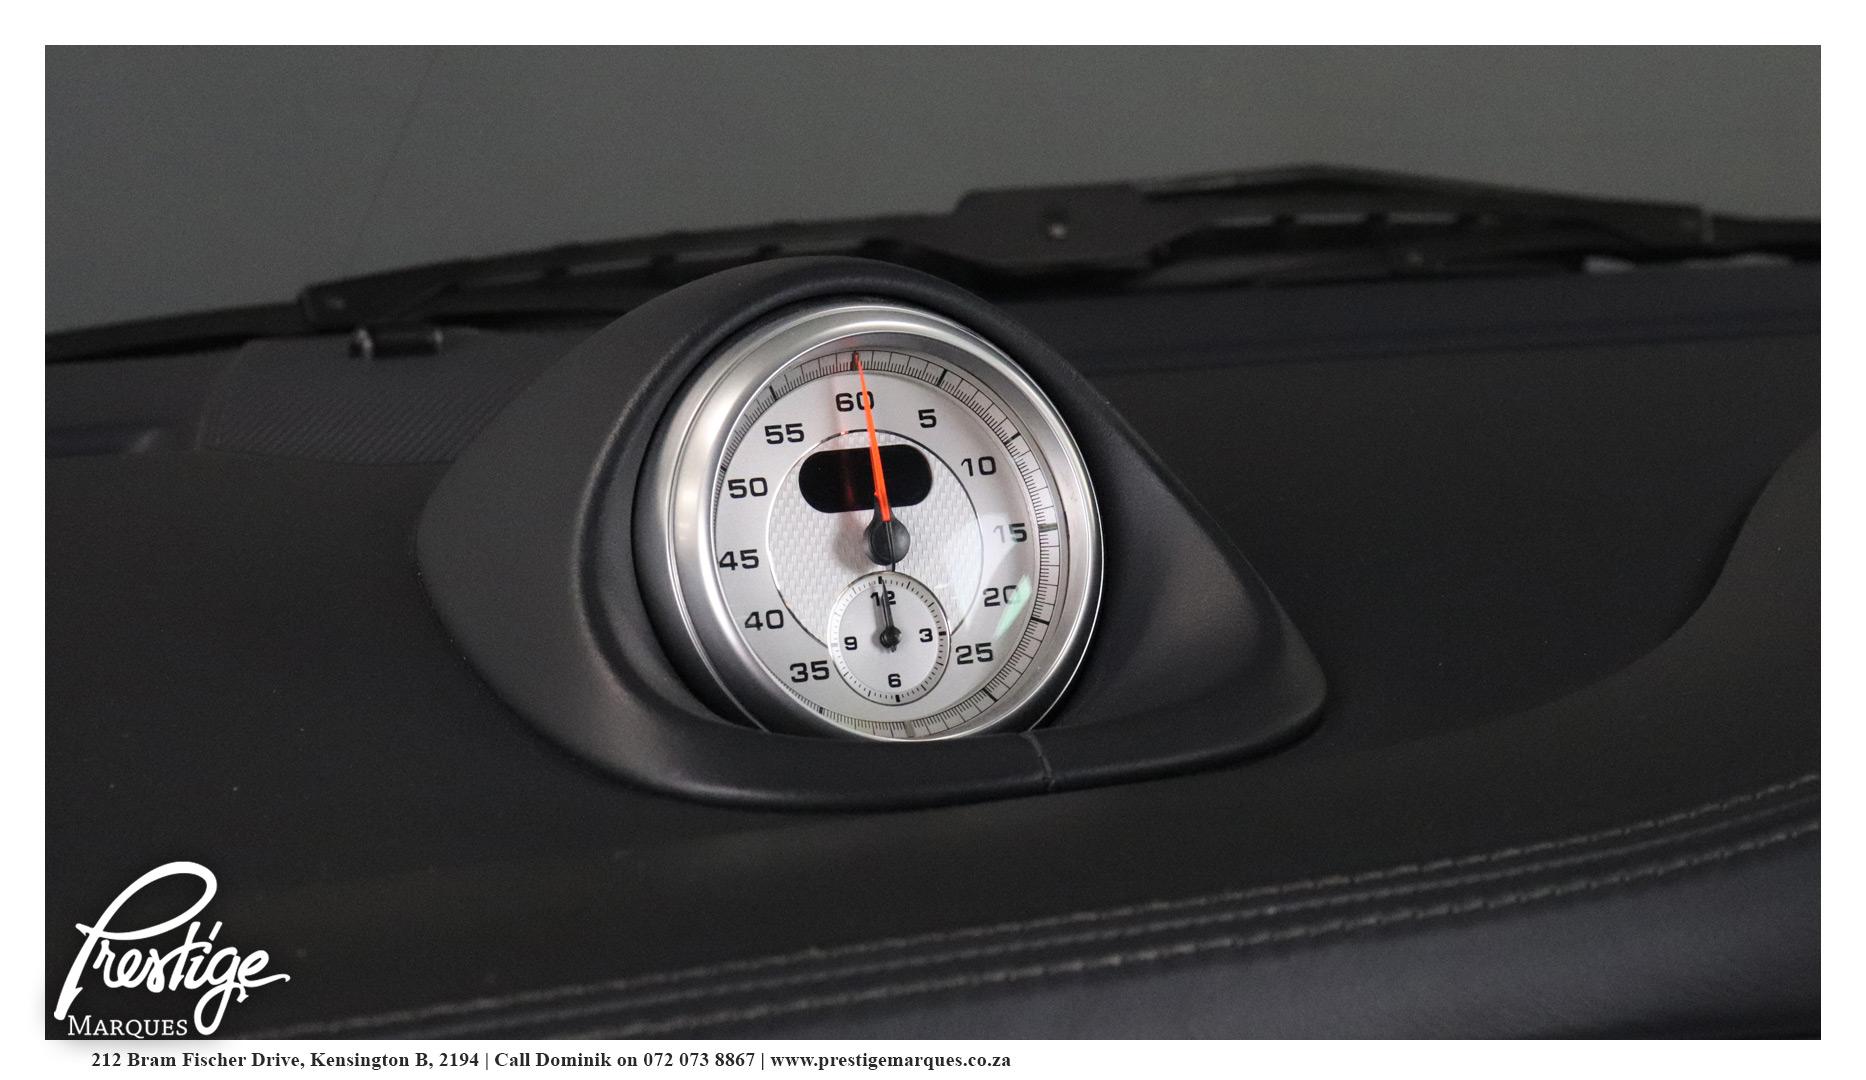 2007-Porsche-911-997-Carerra-4s-manual-prestige-marques-randburg-sandton-18